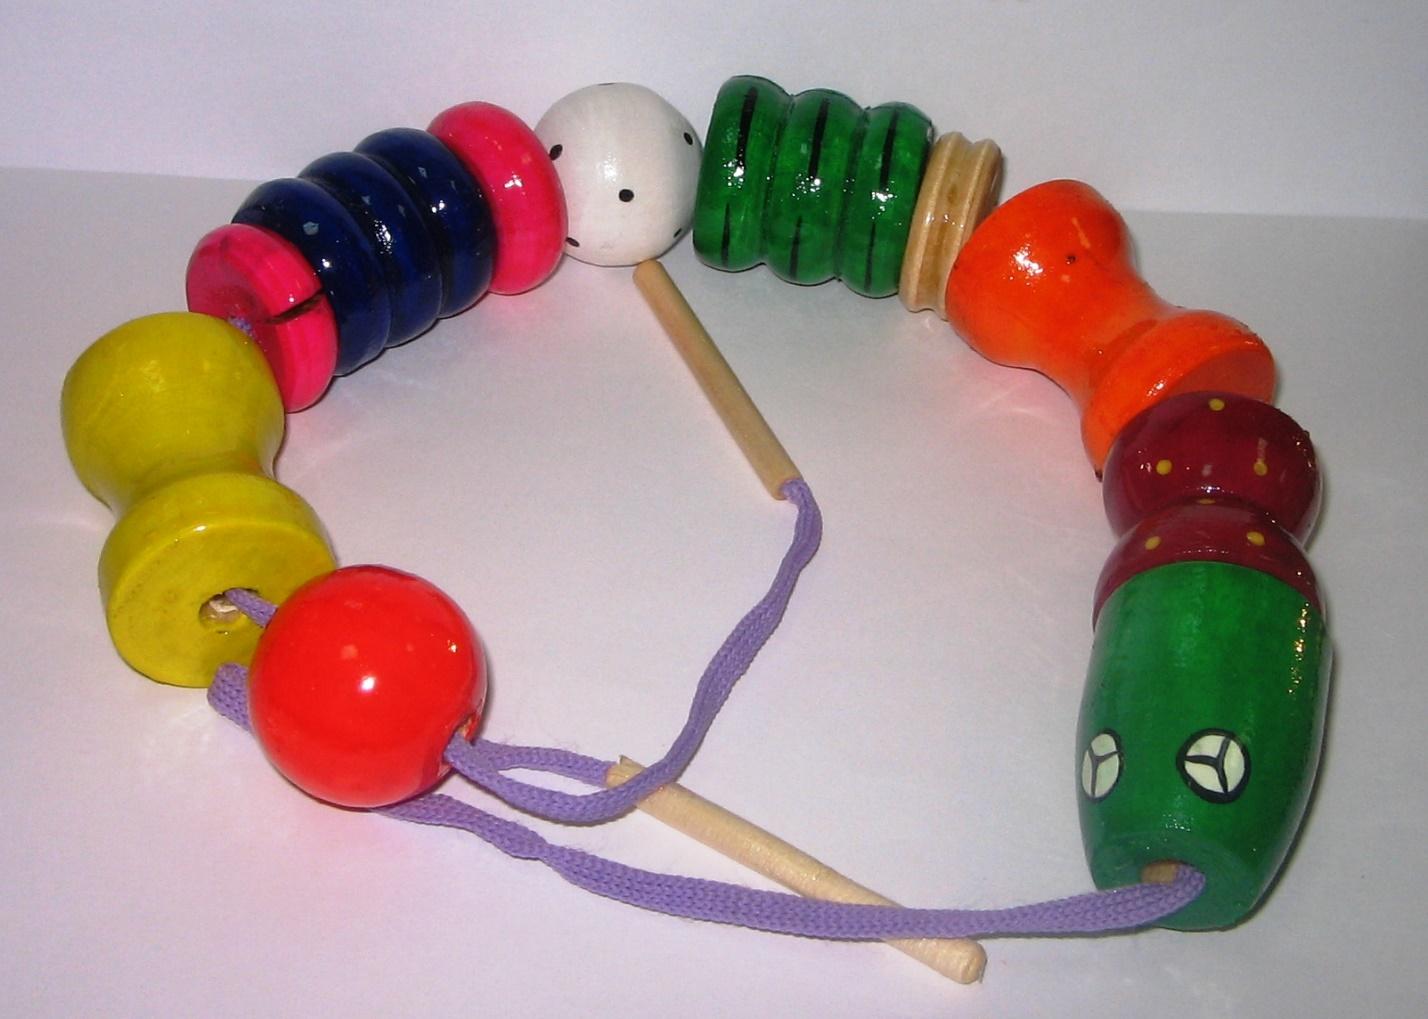 Игрушки для развития мелкой моторики рук ребенка 31